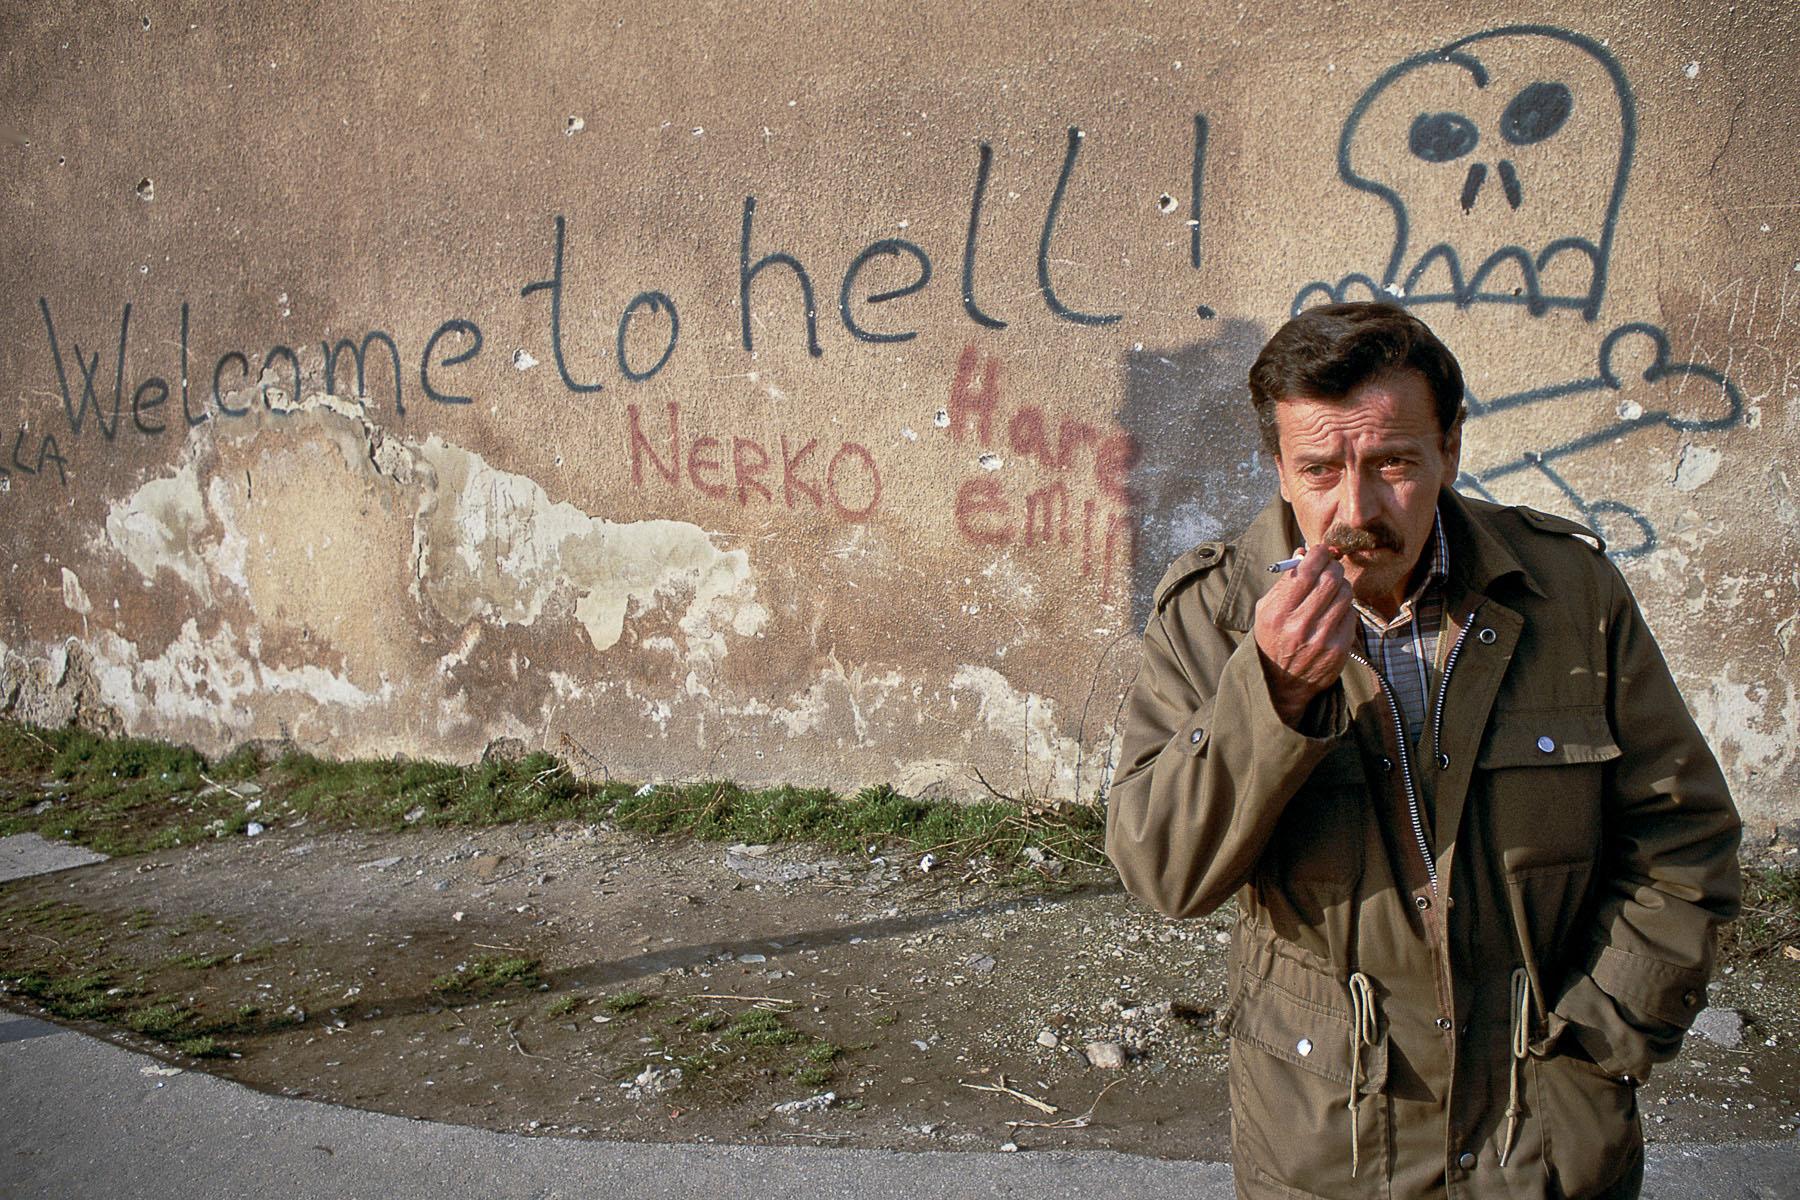 Sarajevo in April 1994